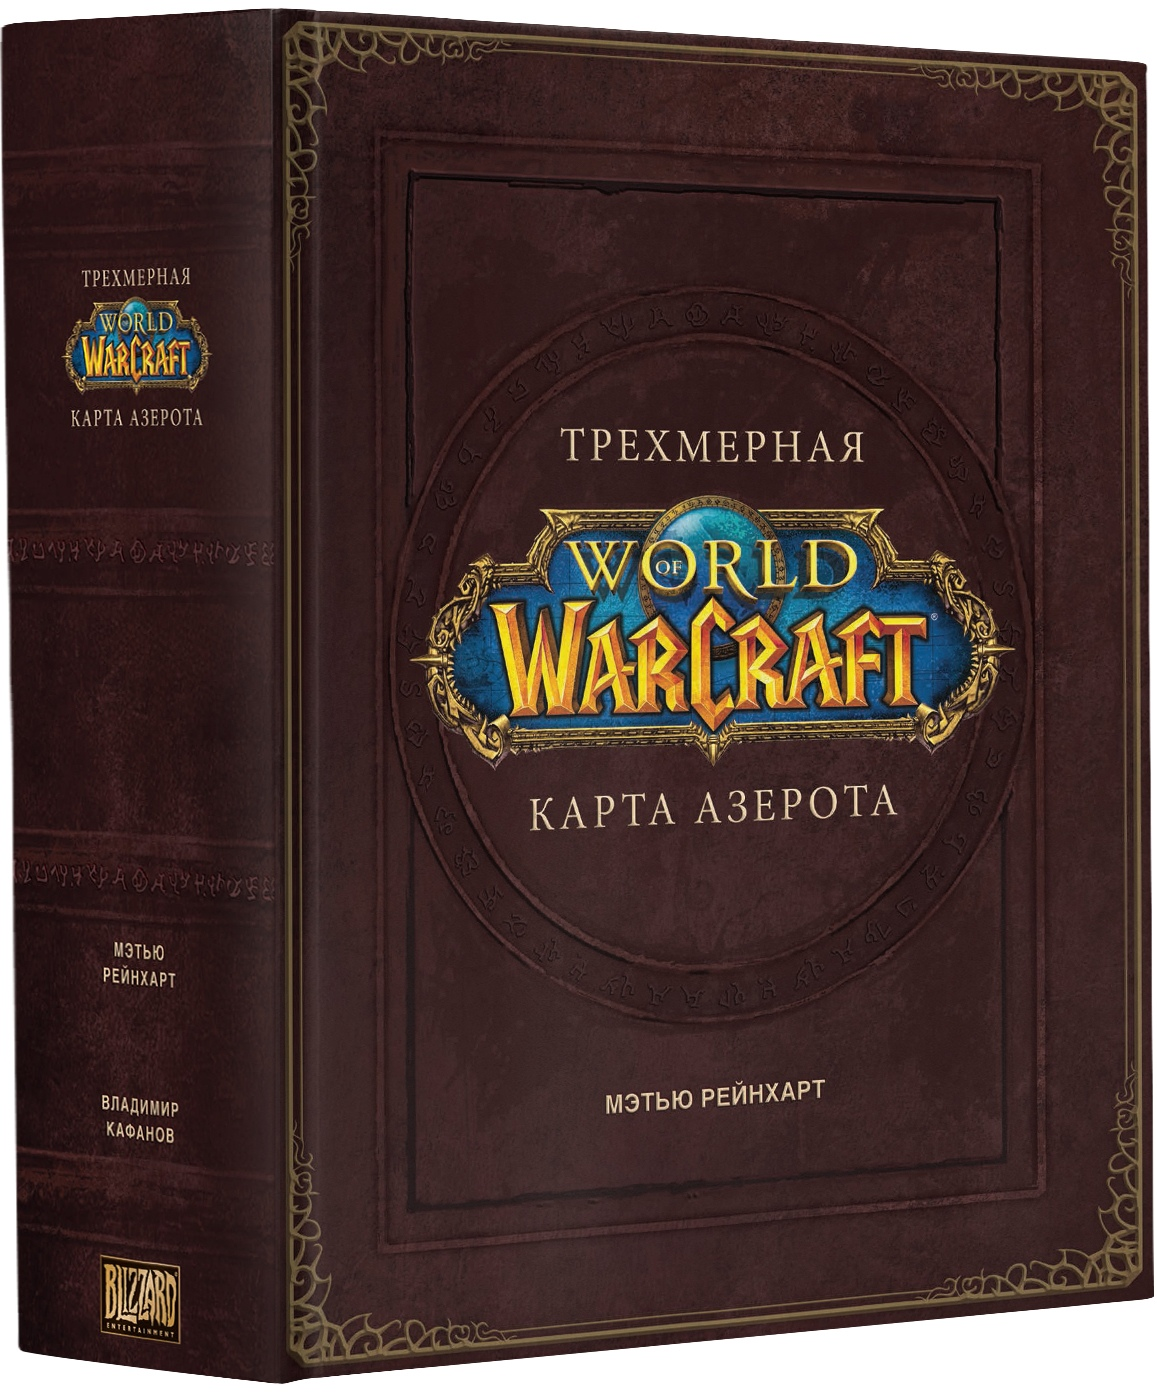 Мэтью Рейнхарт World Of Warcraft: Трехмерная карта Азерота